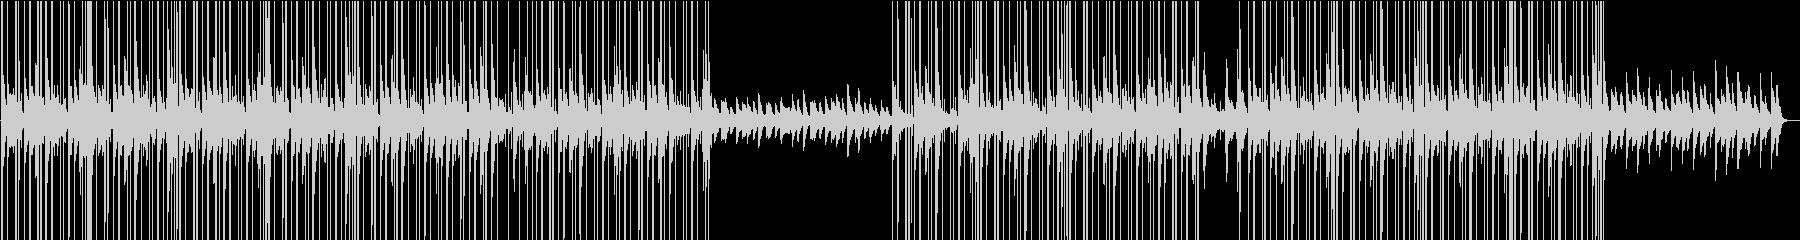 ローファイ・おしゃれなチルピアノBGMの未再生の波形